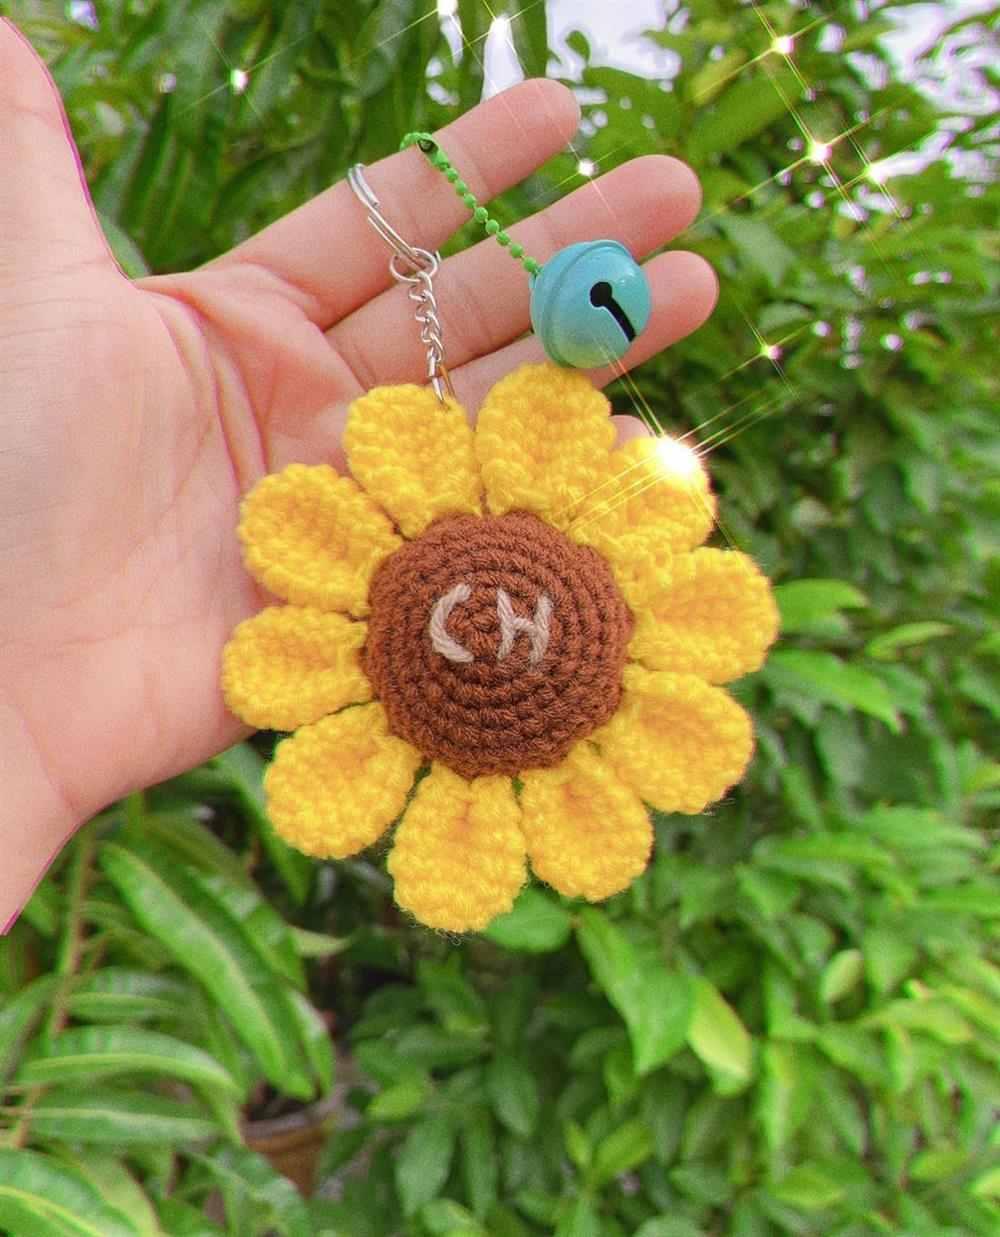 flor de girassol com inicial do nome